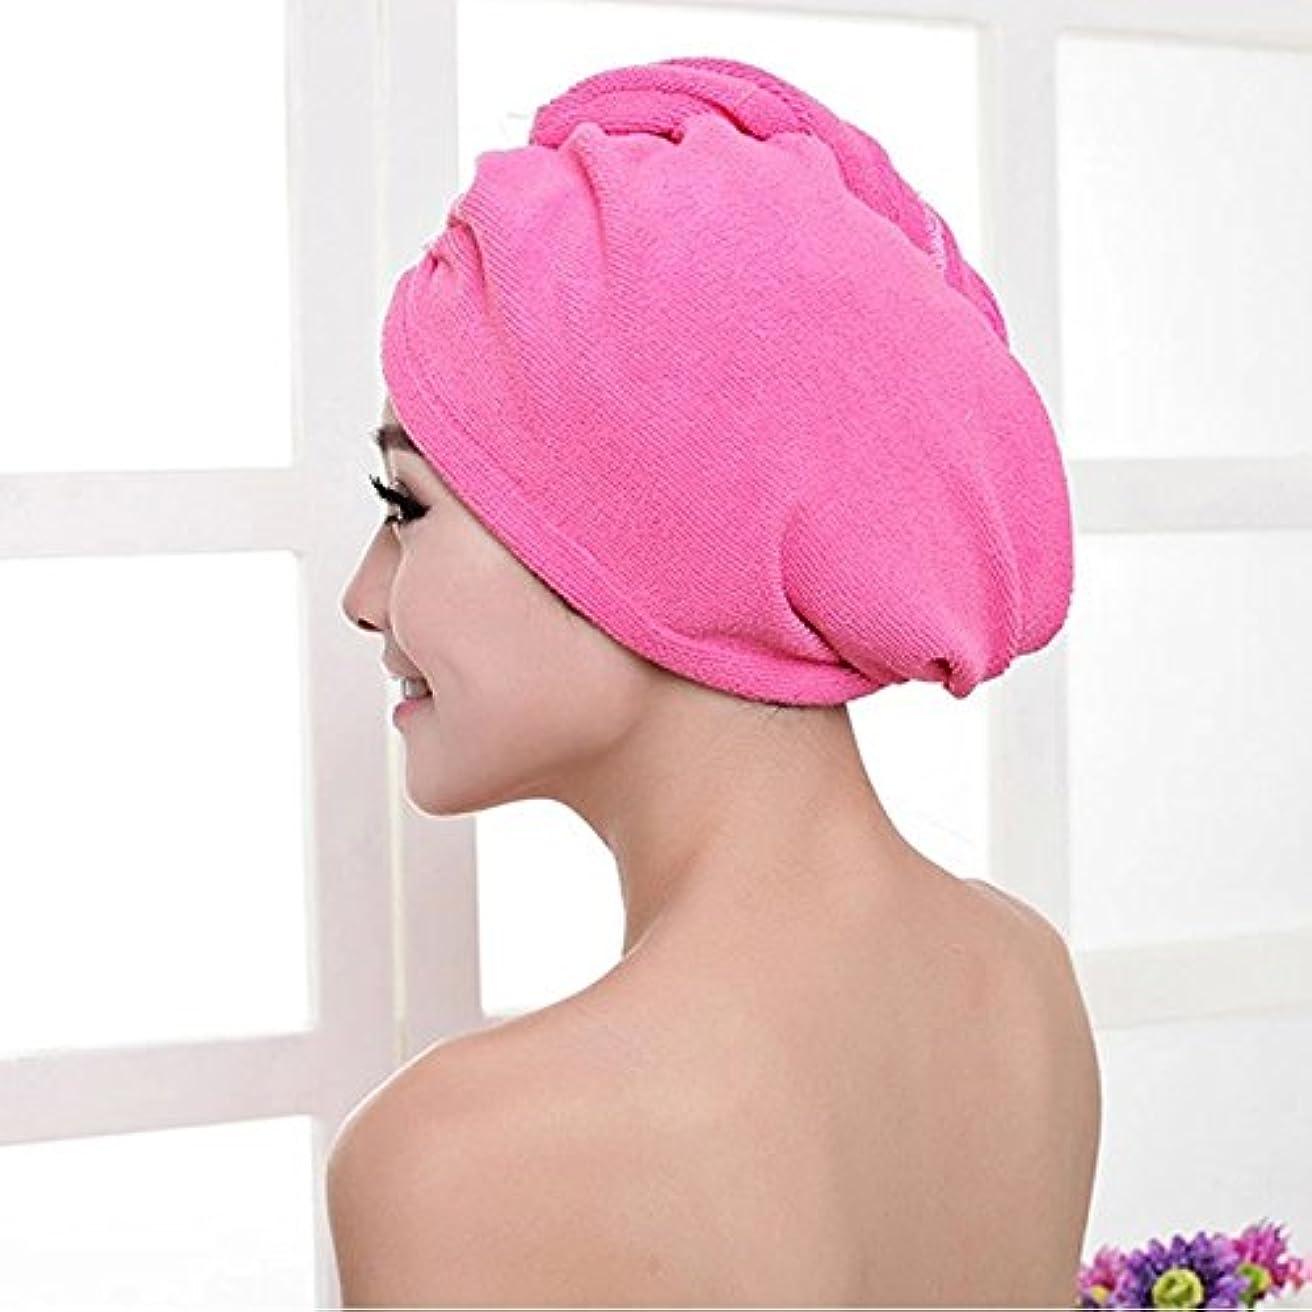 研究所であること直径ボコダダ(Vocodada)タオルキャップ ヘアキャップ 吸水 ヘアドライタオル 速乾 マイクロファイバー ヘア 乾燥 タオル 帽子 キャップ 風呂 ふわふわ シンプル 60cm x 25cm. (E)